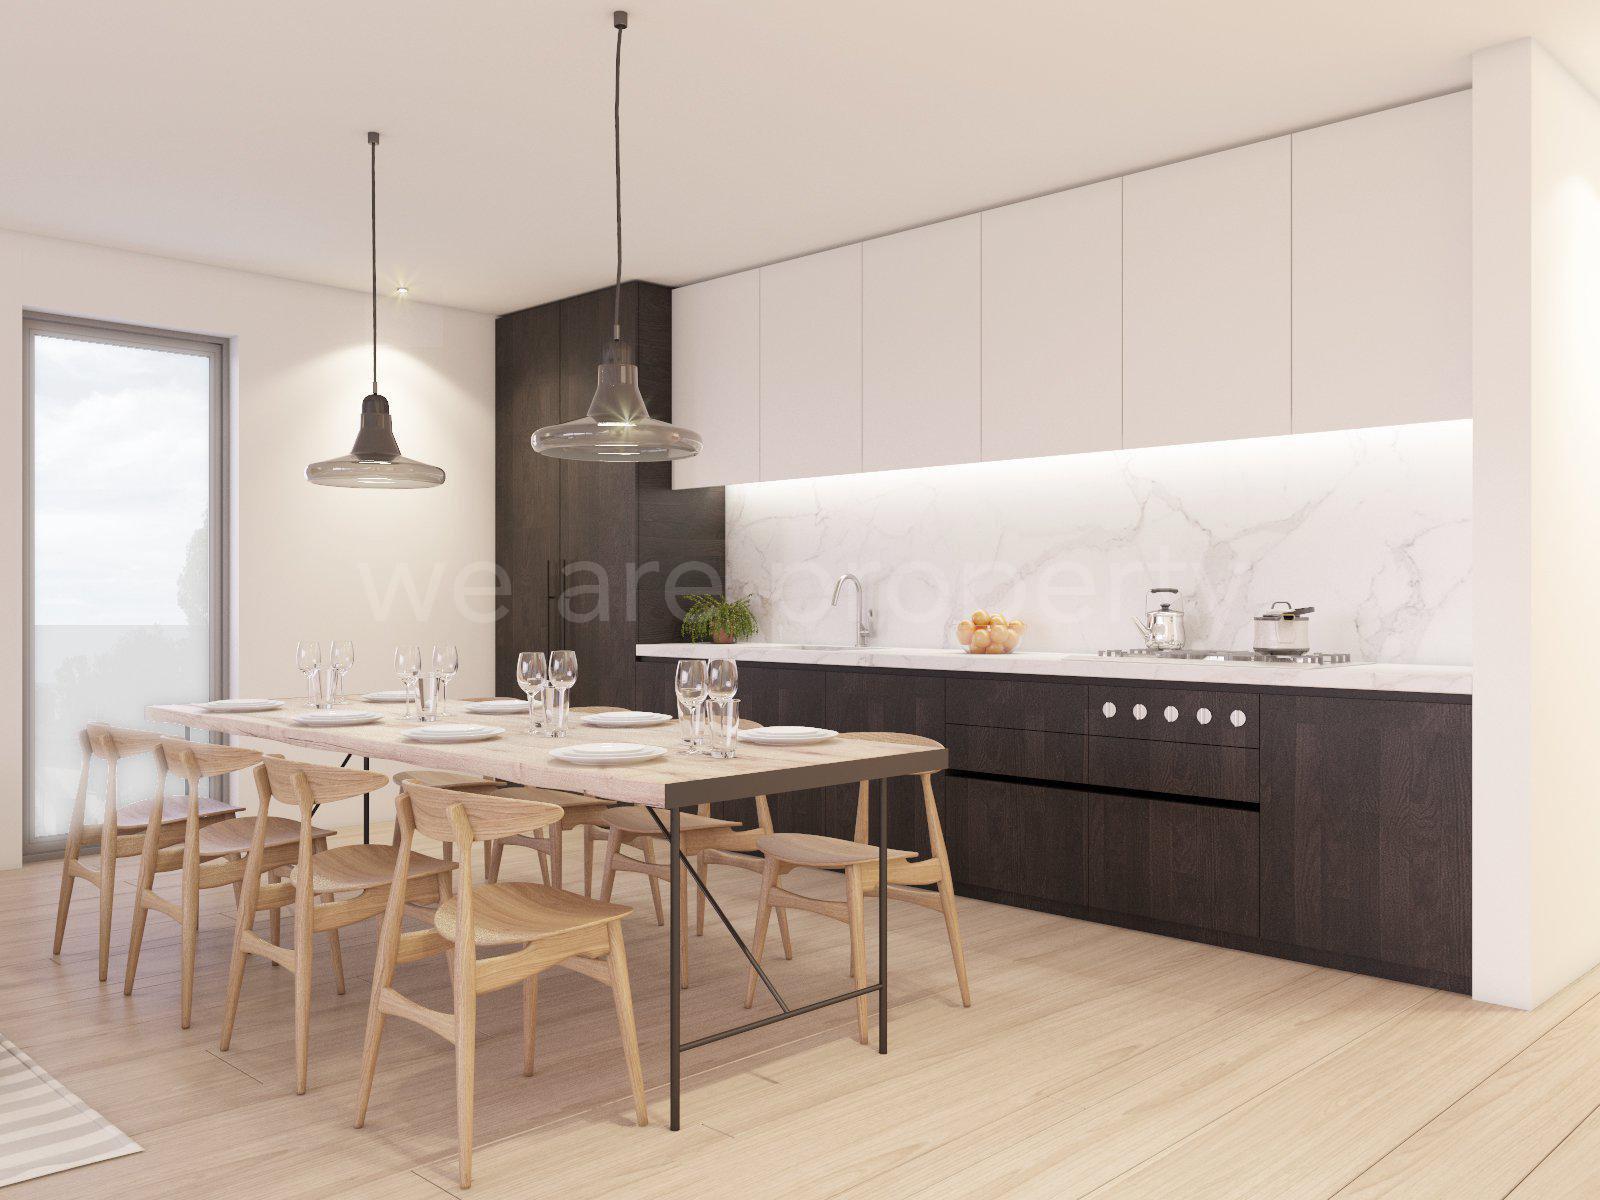 Natural light, kitchen bar